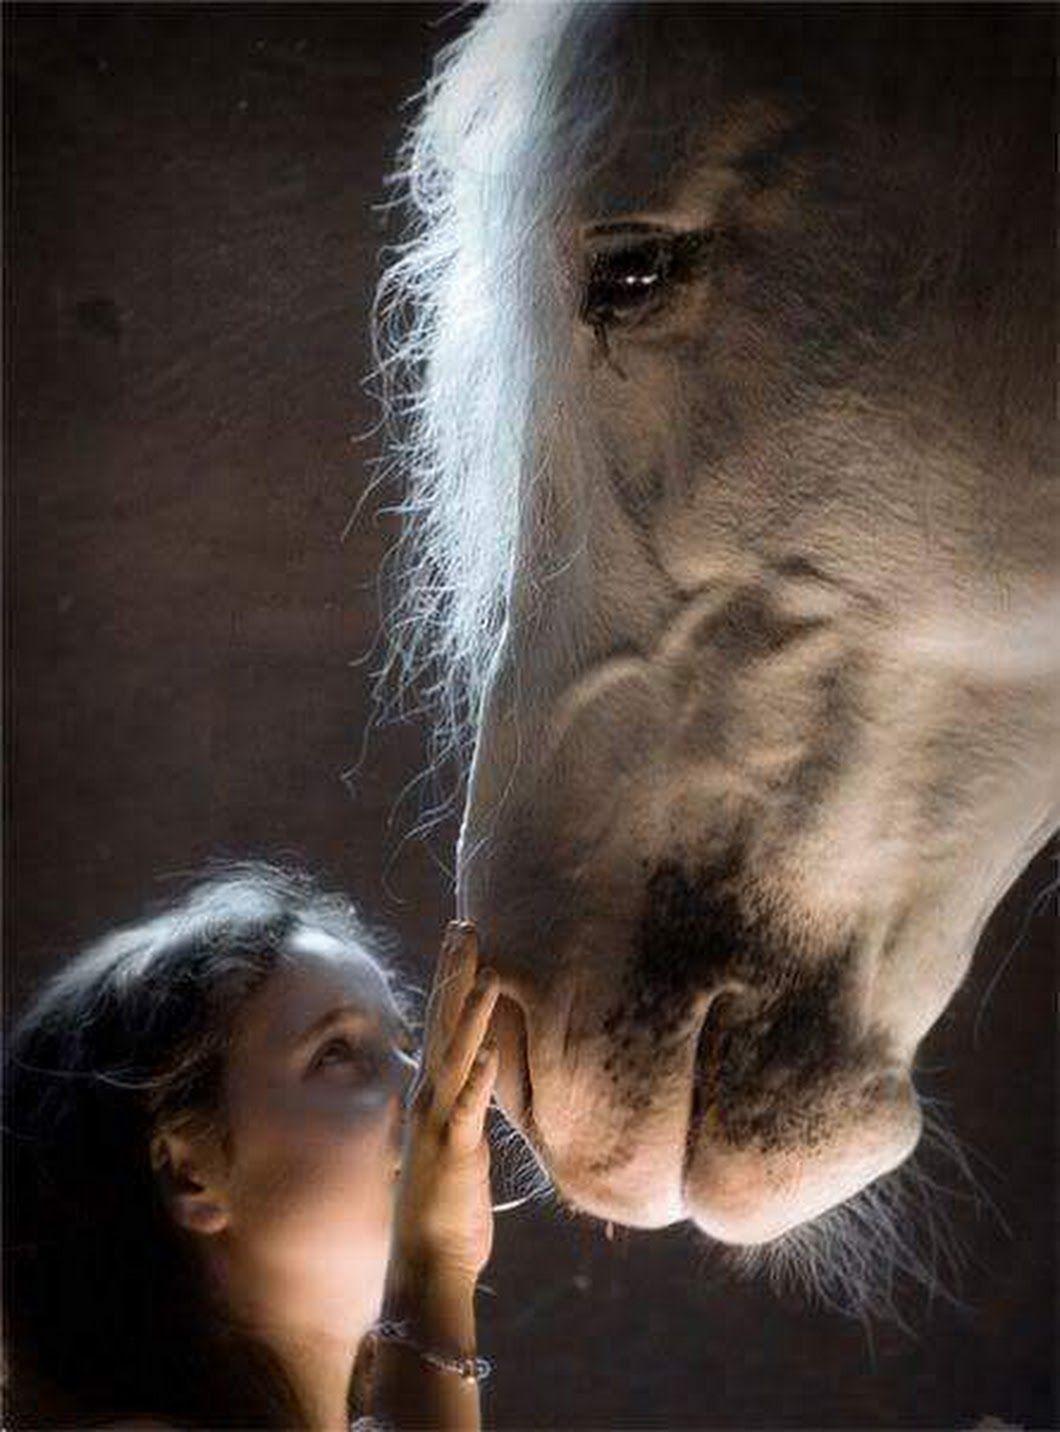 Pin by Mihaljevich on Horses Horses, Beautiful horses